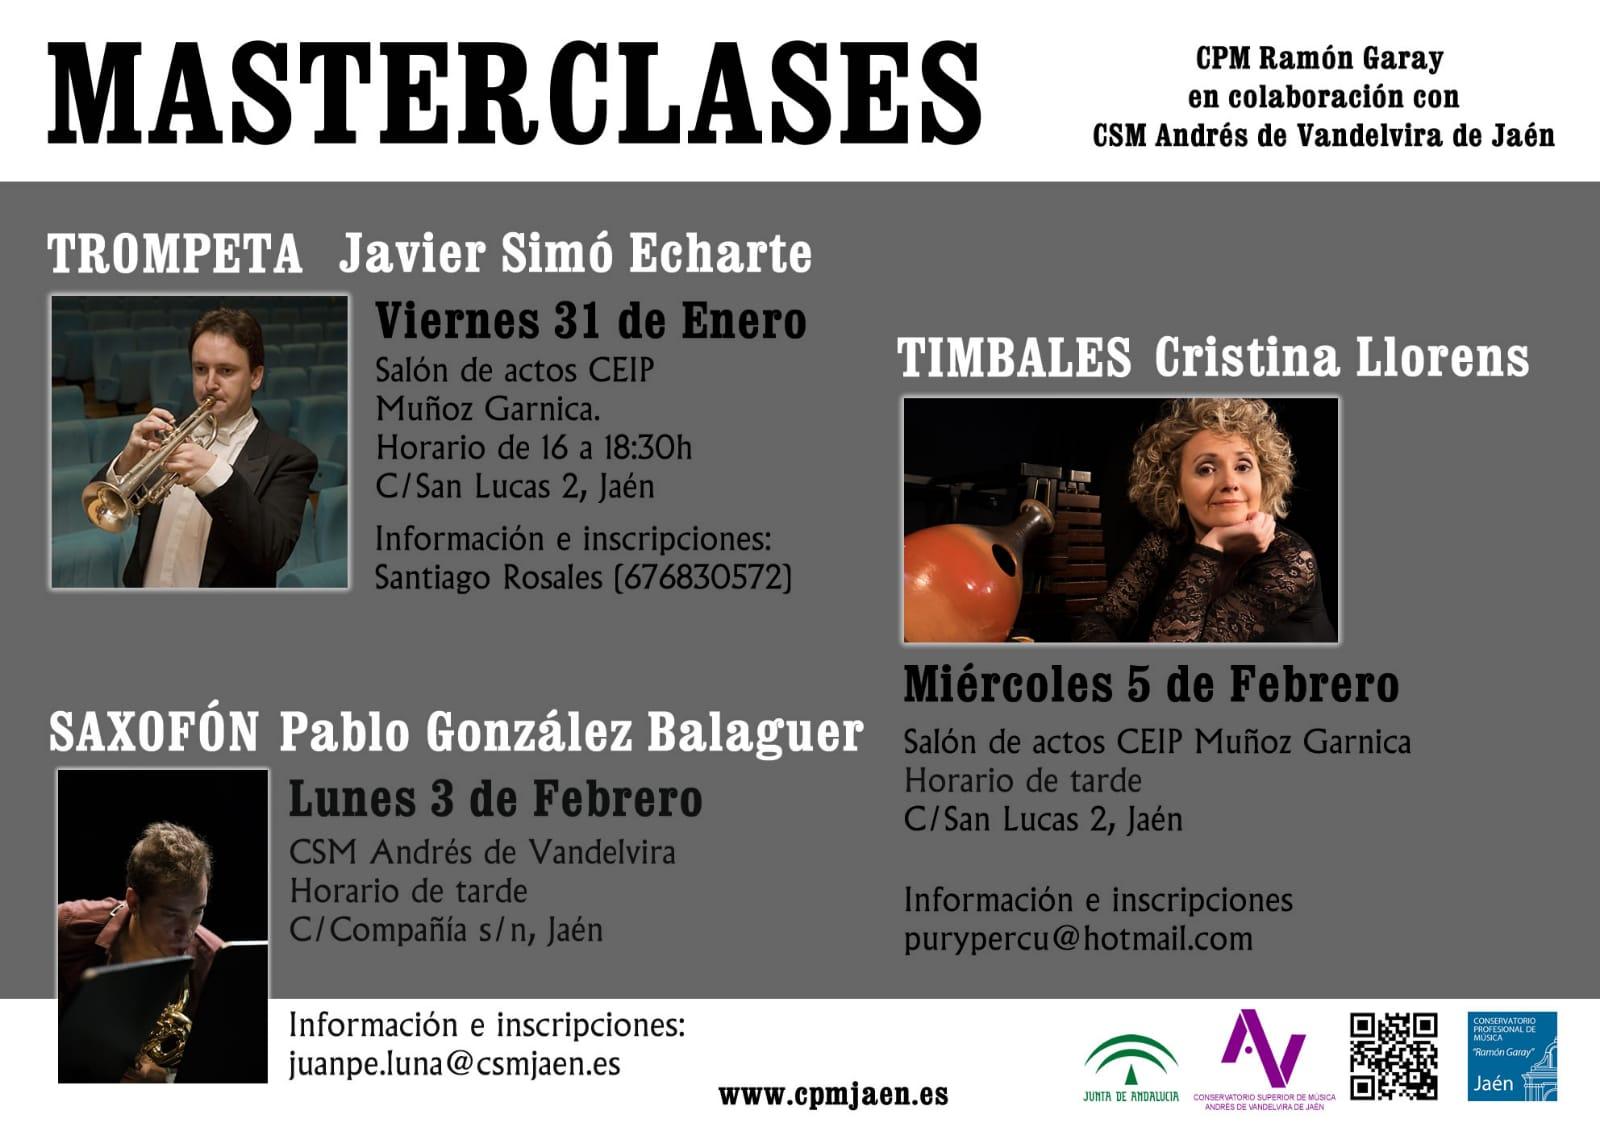 Master class en Jaén